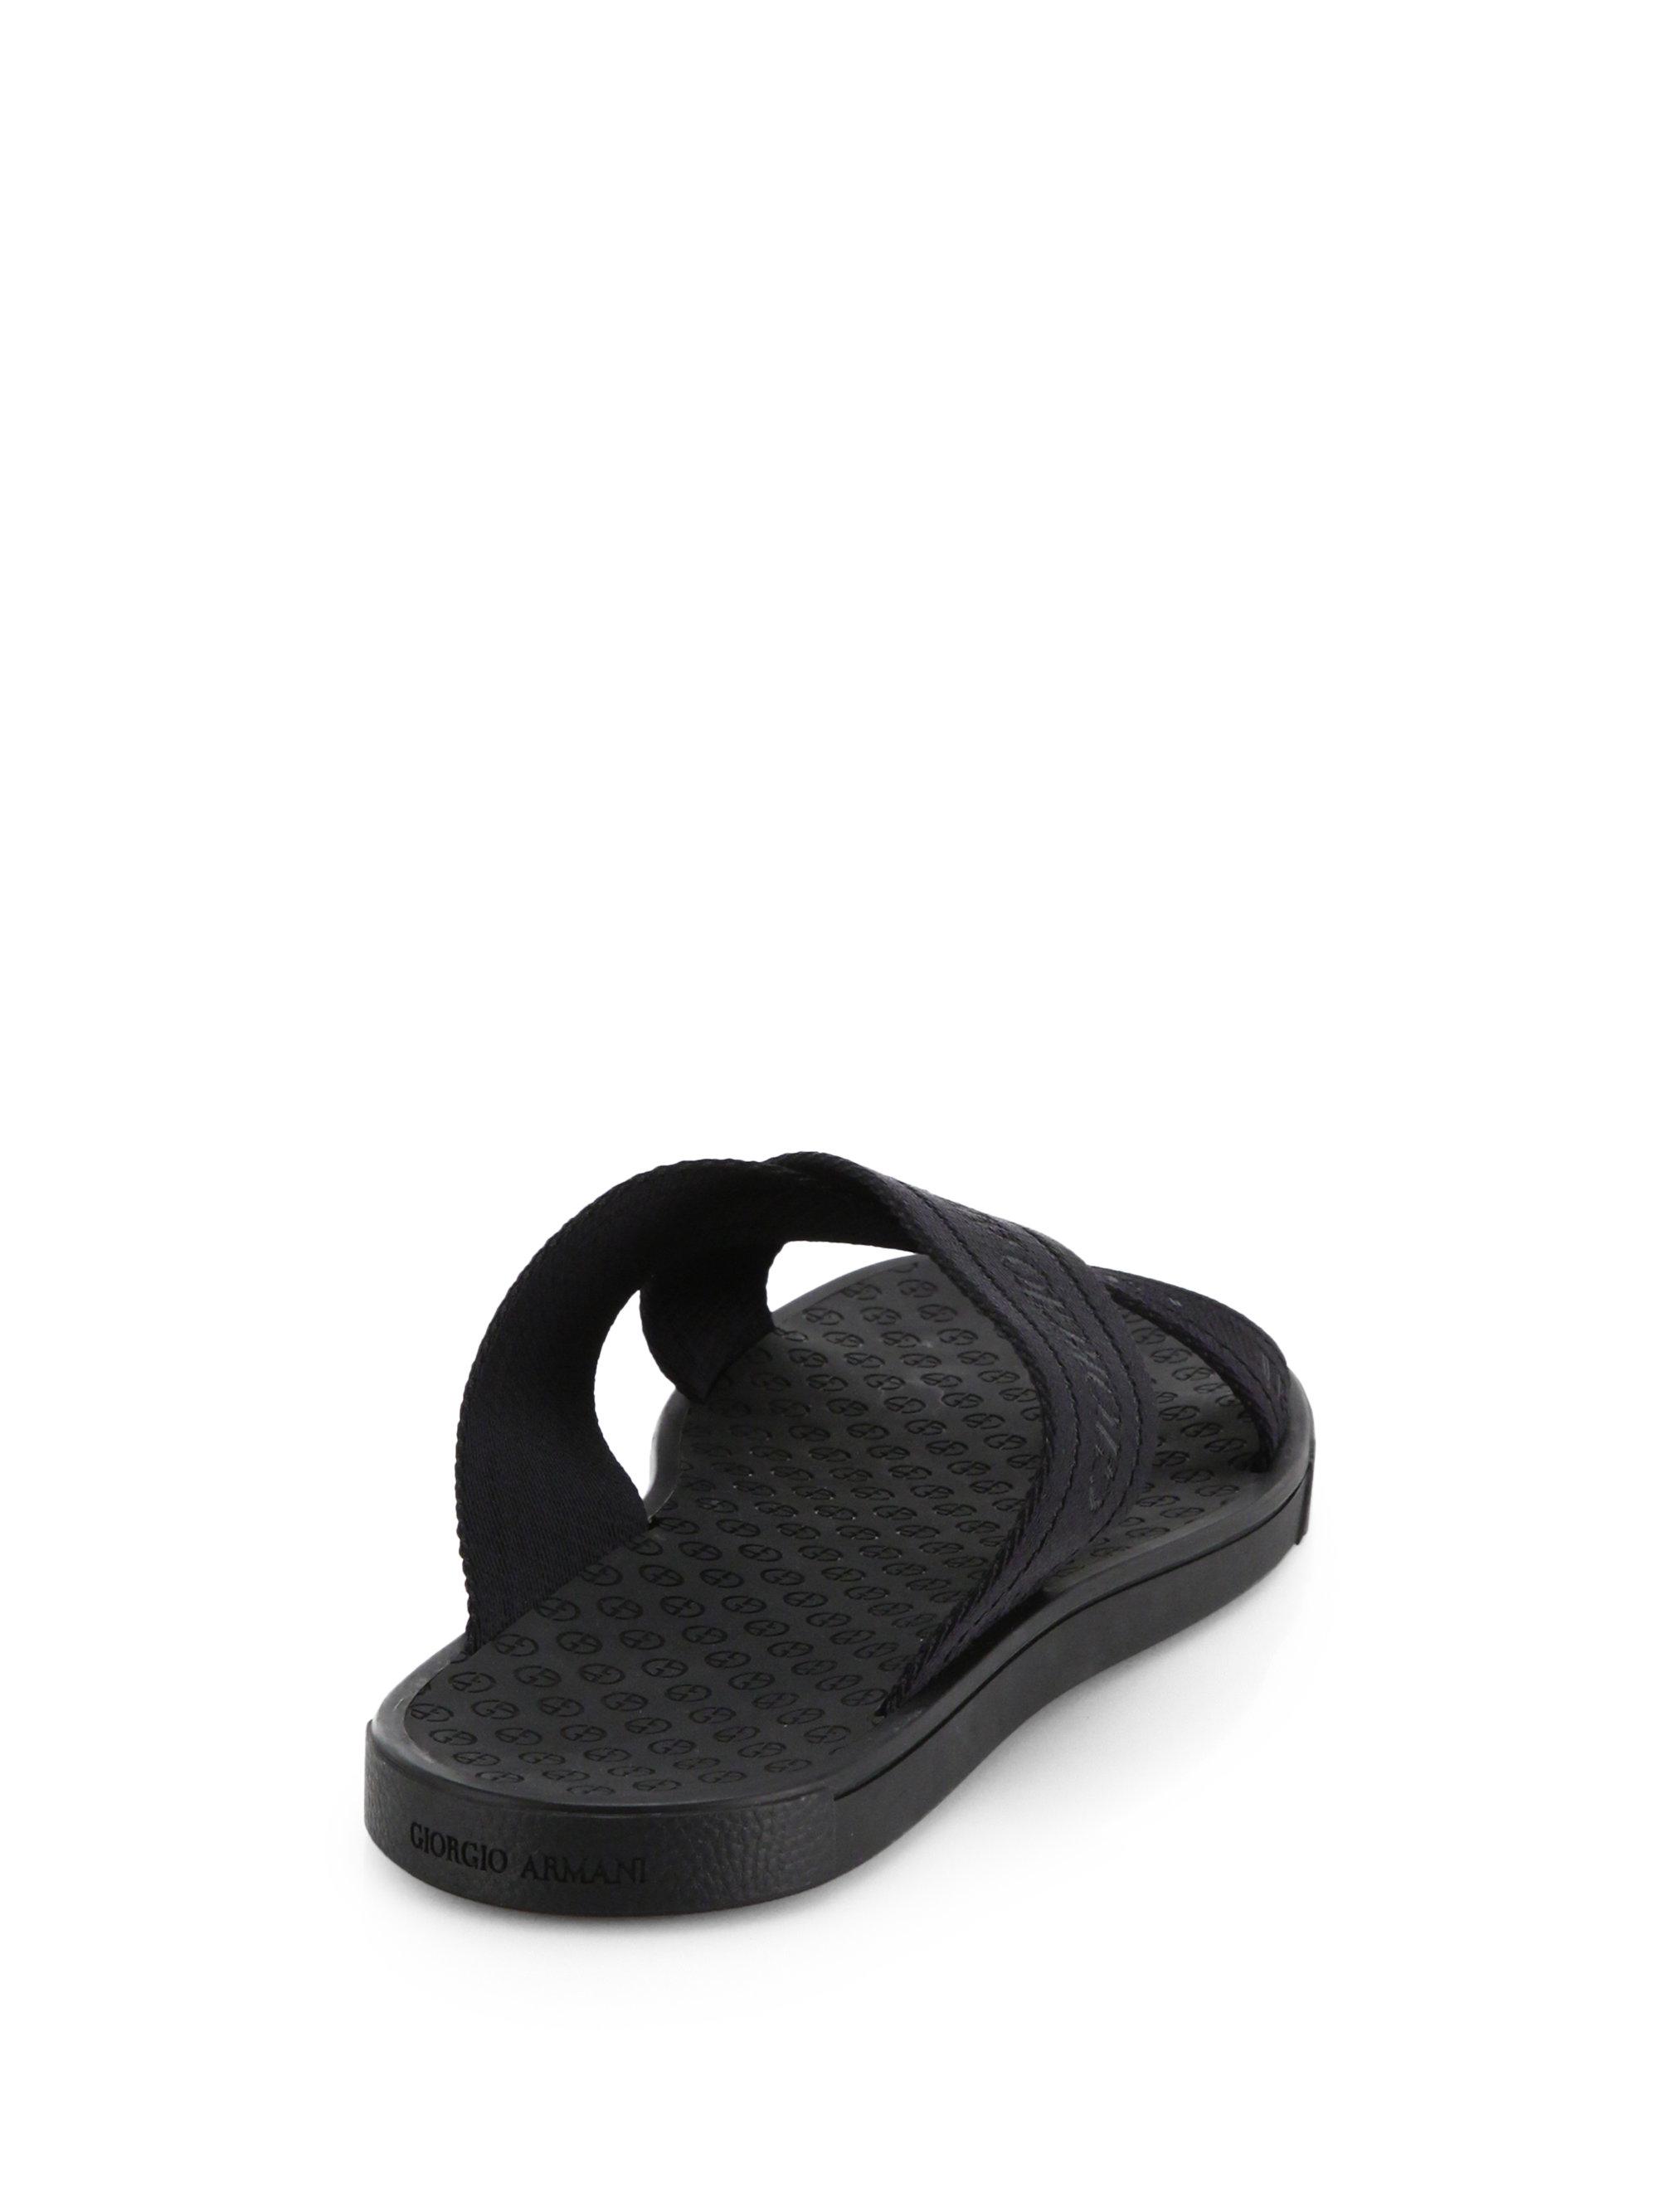 Giorgio Armani Rubber Criss Cross Sandals In Black For Men